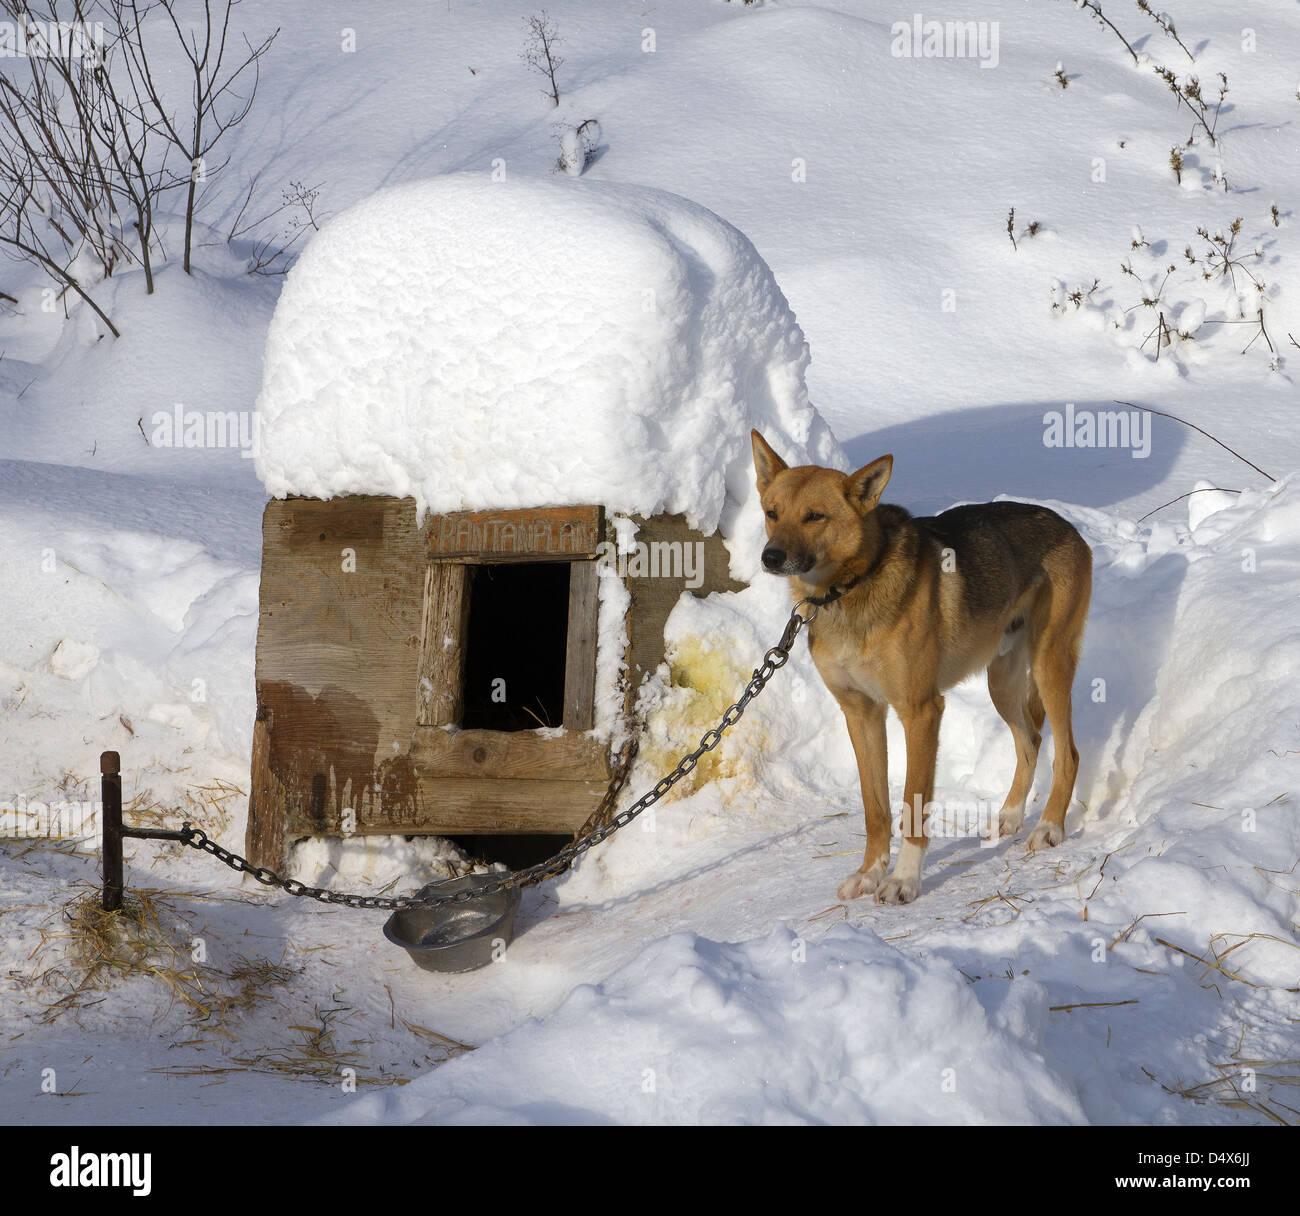 Картинка собаки с надписью теперь перезимуем а теплых будках, приколы